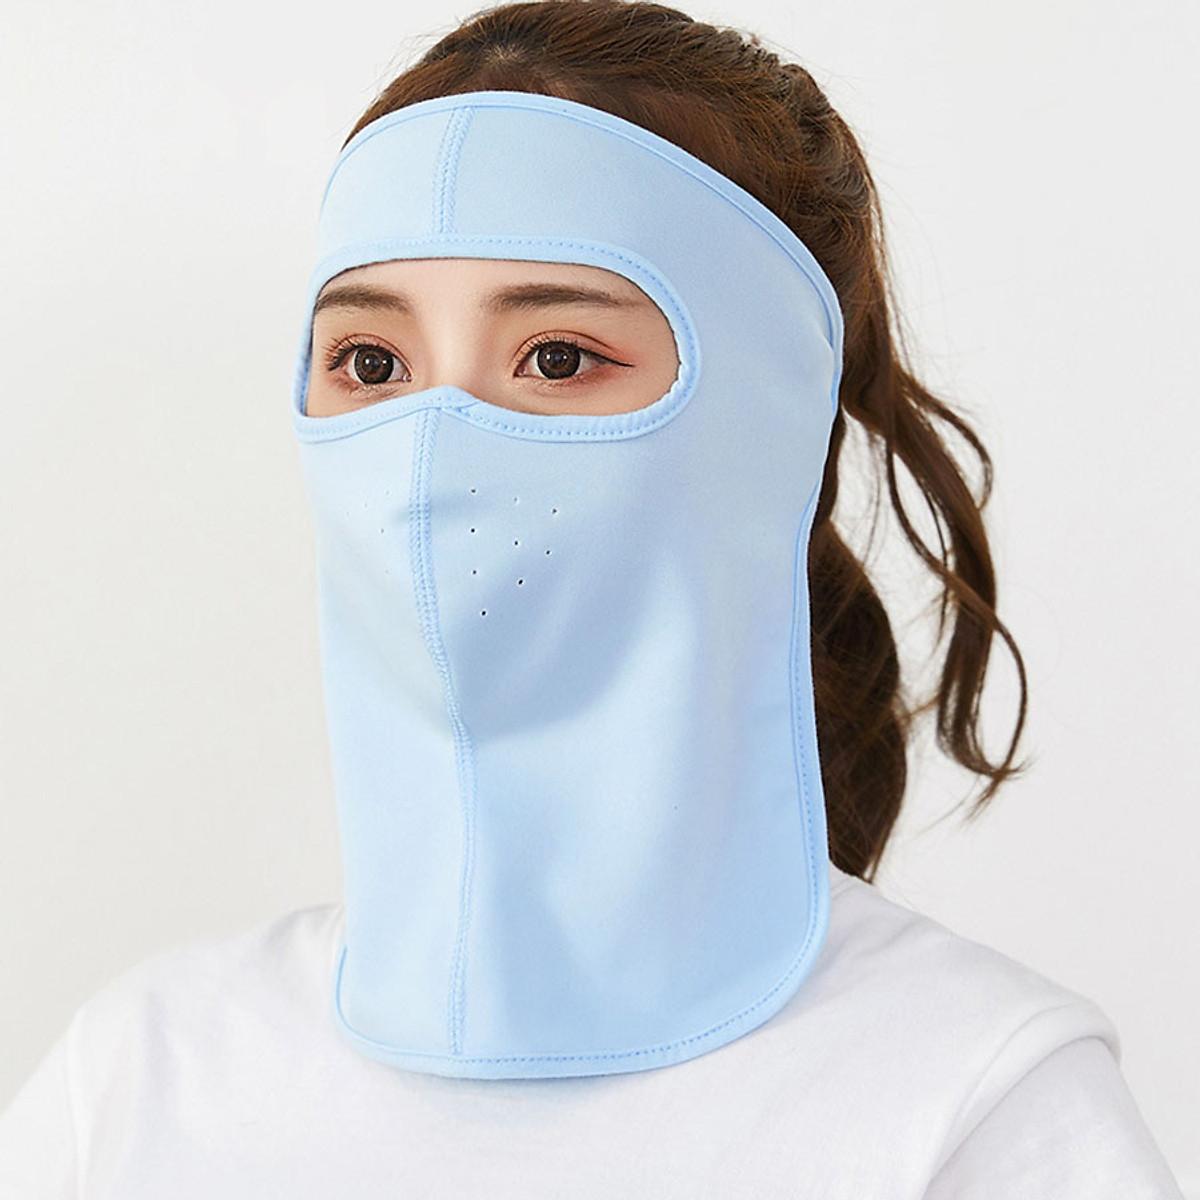 Chống nắng triệt để, Hà Trúc quẩy hẳn khẩu trang yếm ninja giá chỉ 25k chị em sẽ muốn mua theo ngay - Ảnh 5.